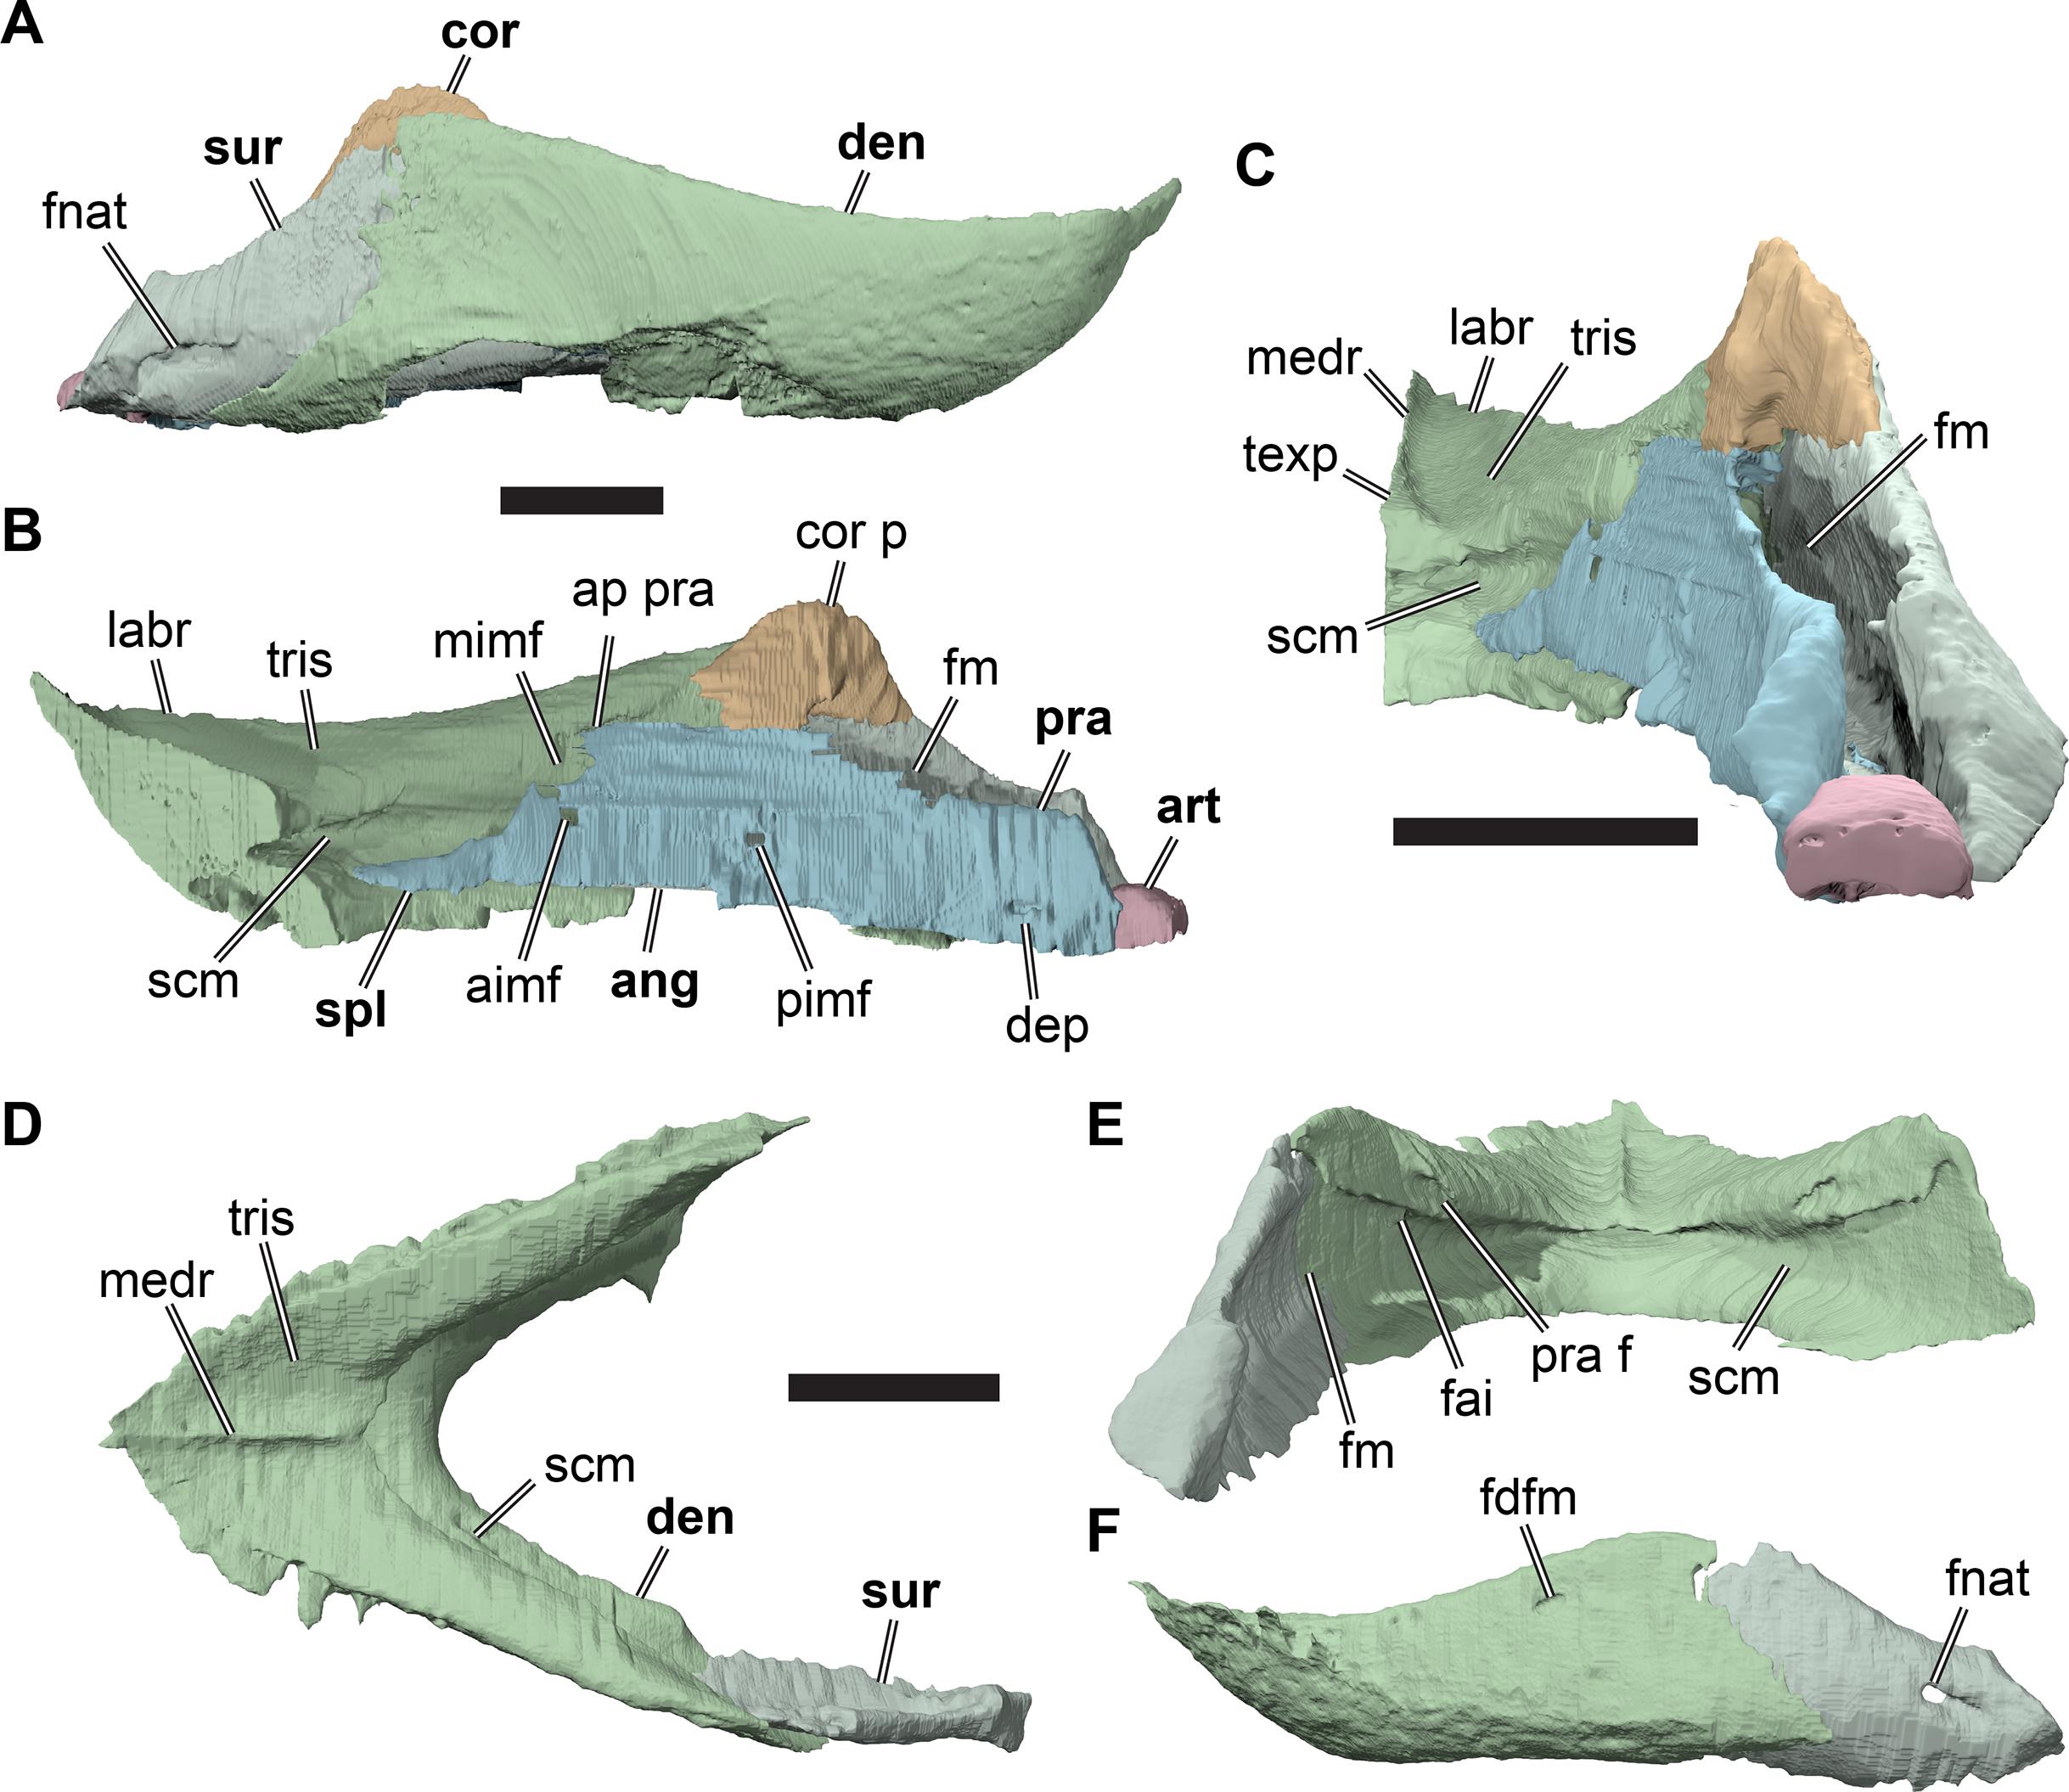 Anatomy of Rhinochelys pulchriceps (Protostegidae) and marine